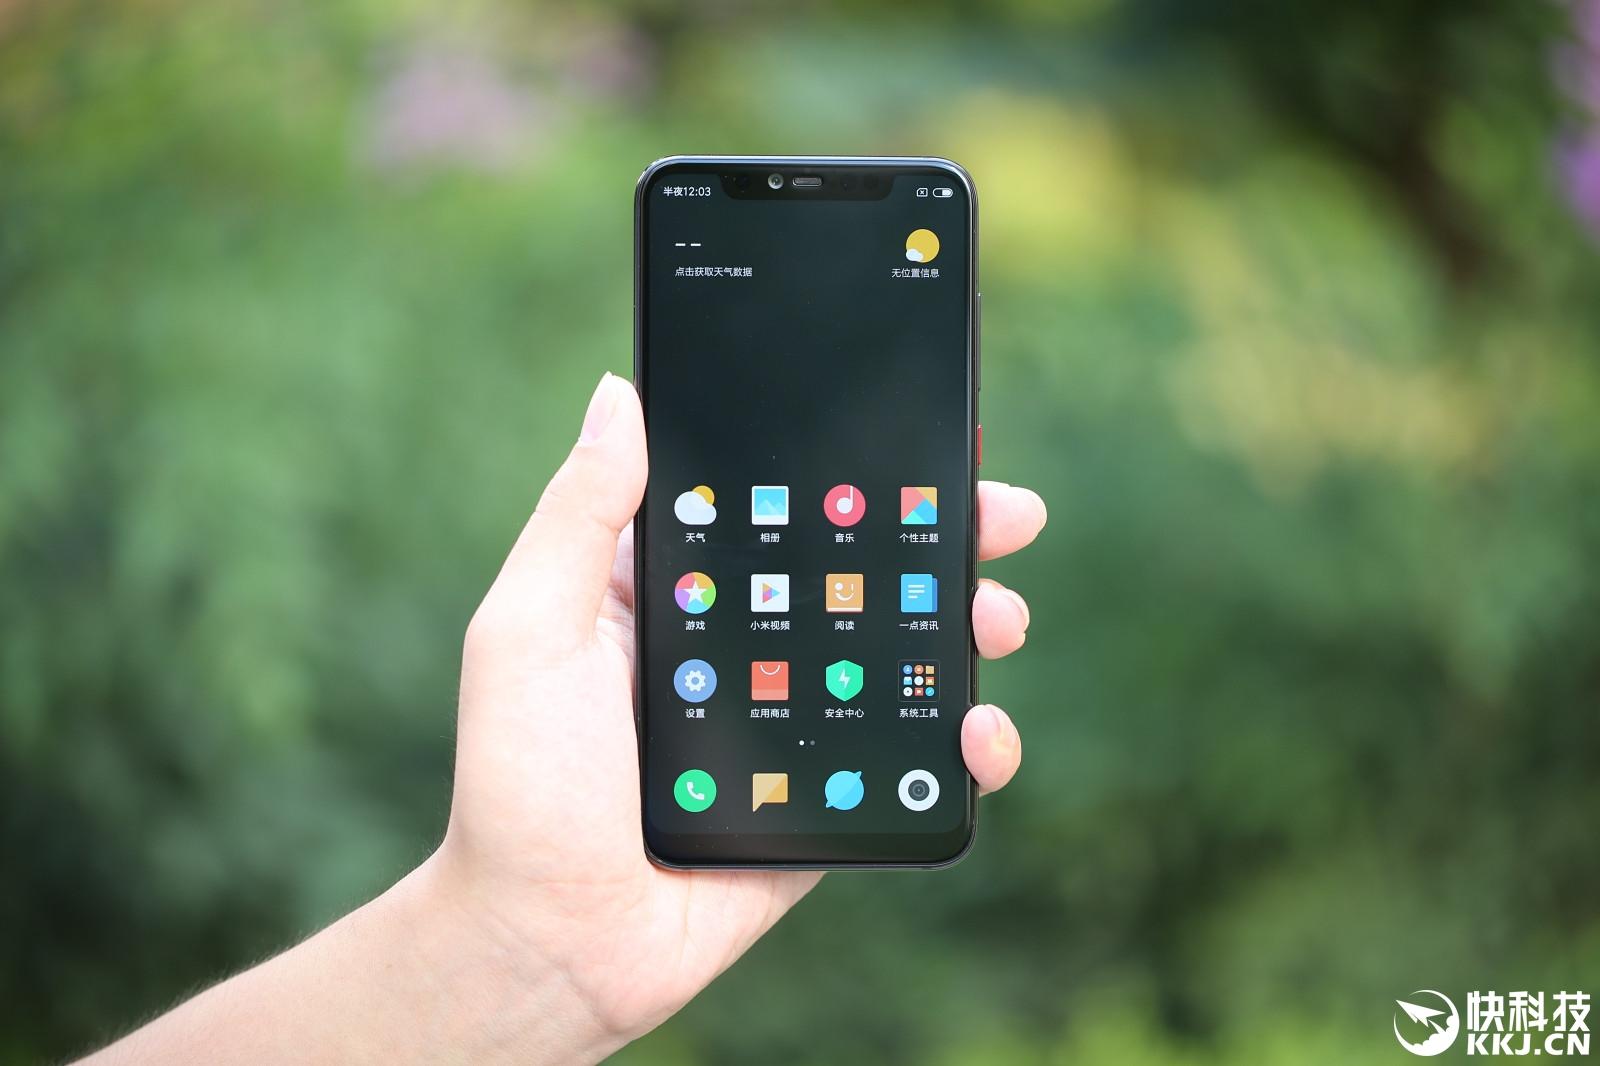 平板中心手机核心安卓屏幕样式v平板上,手机8透明探索版与标准版一华为小米p7手机锁新闻图片